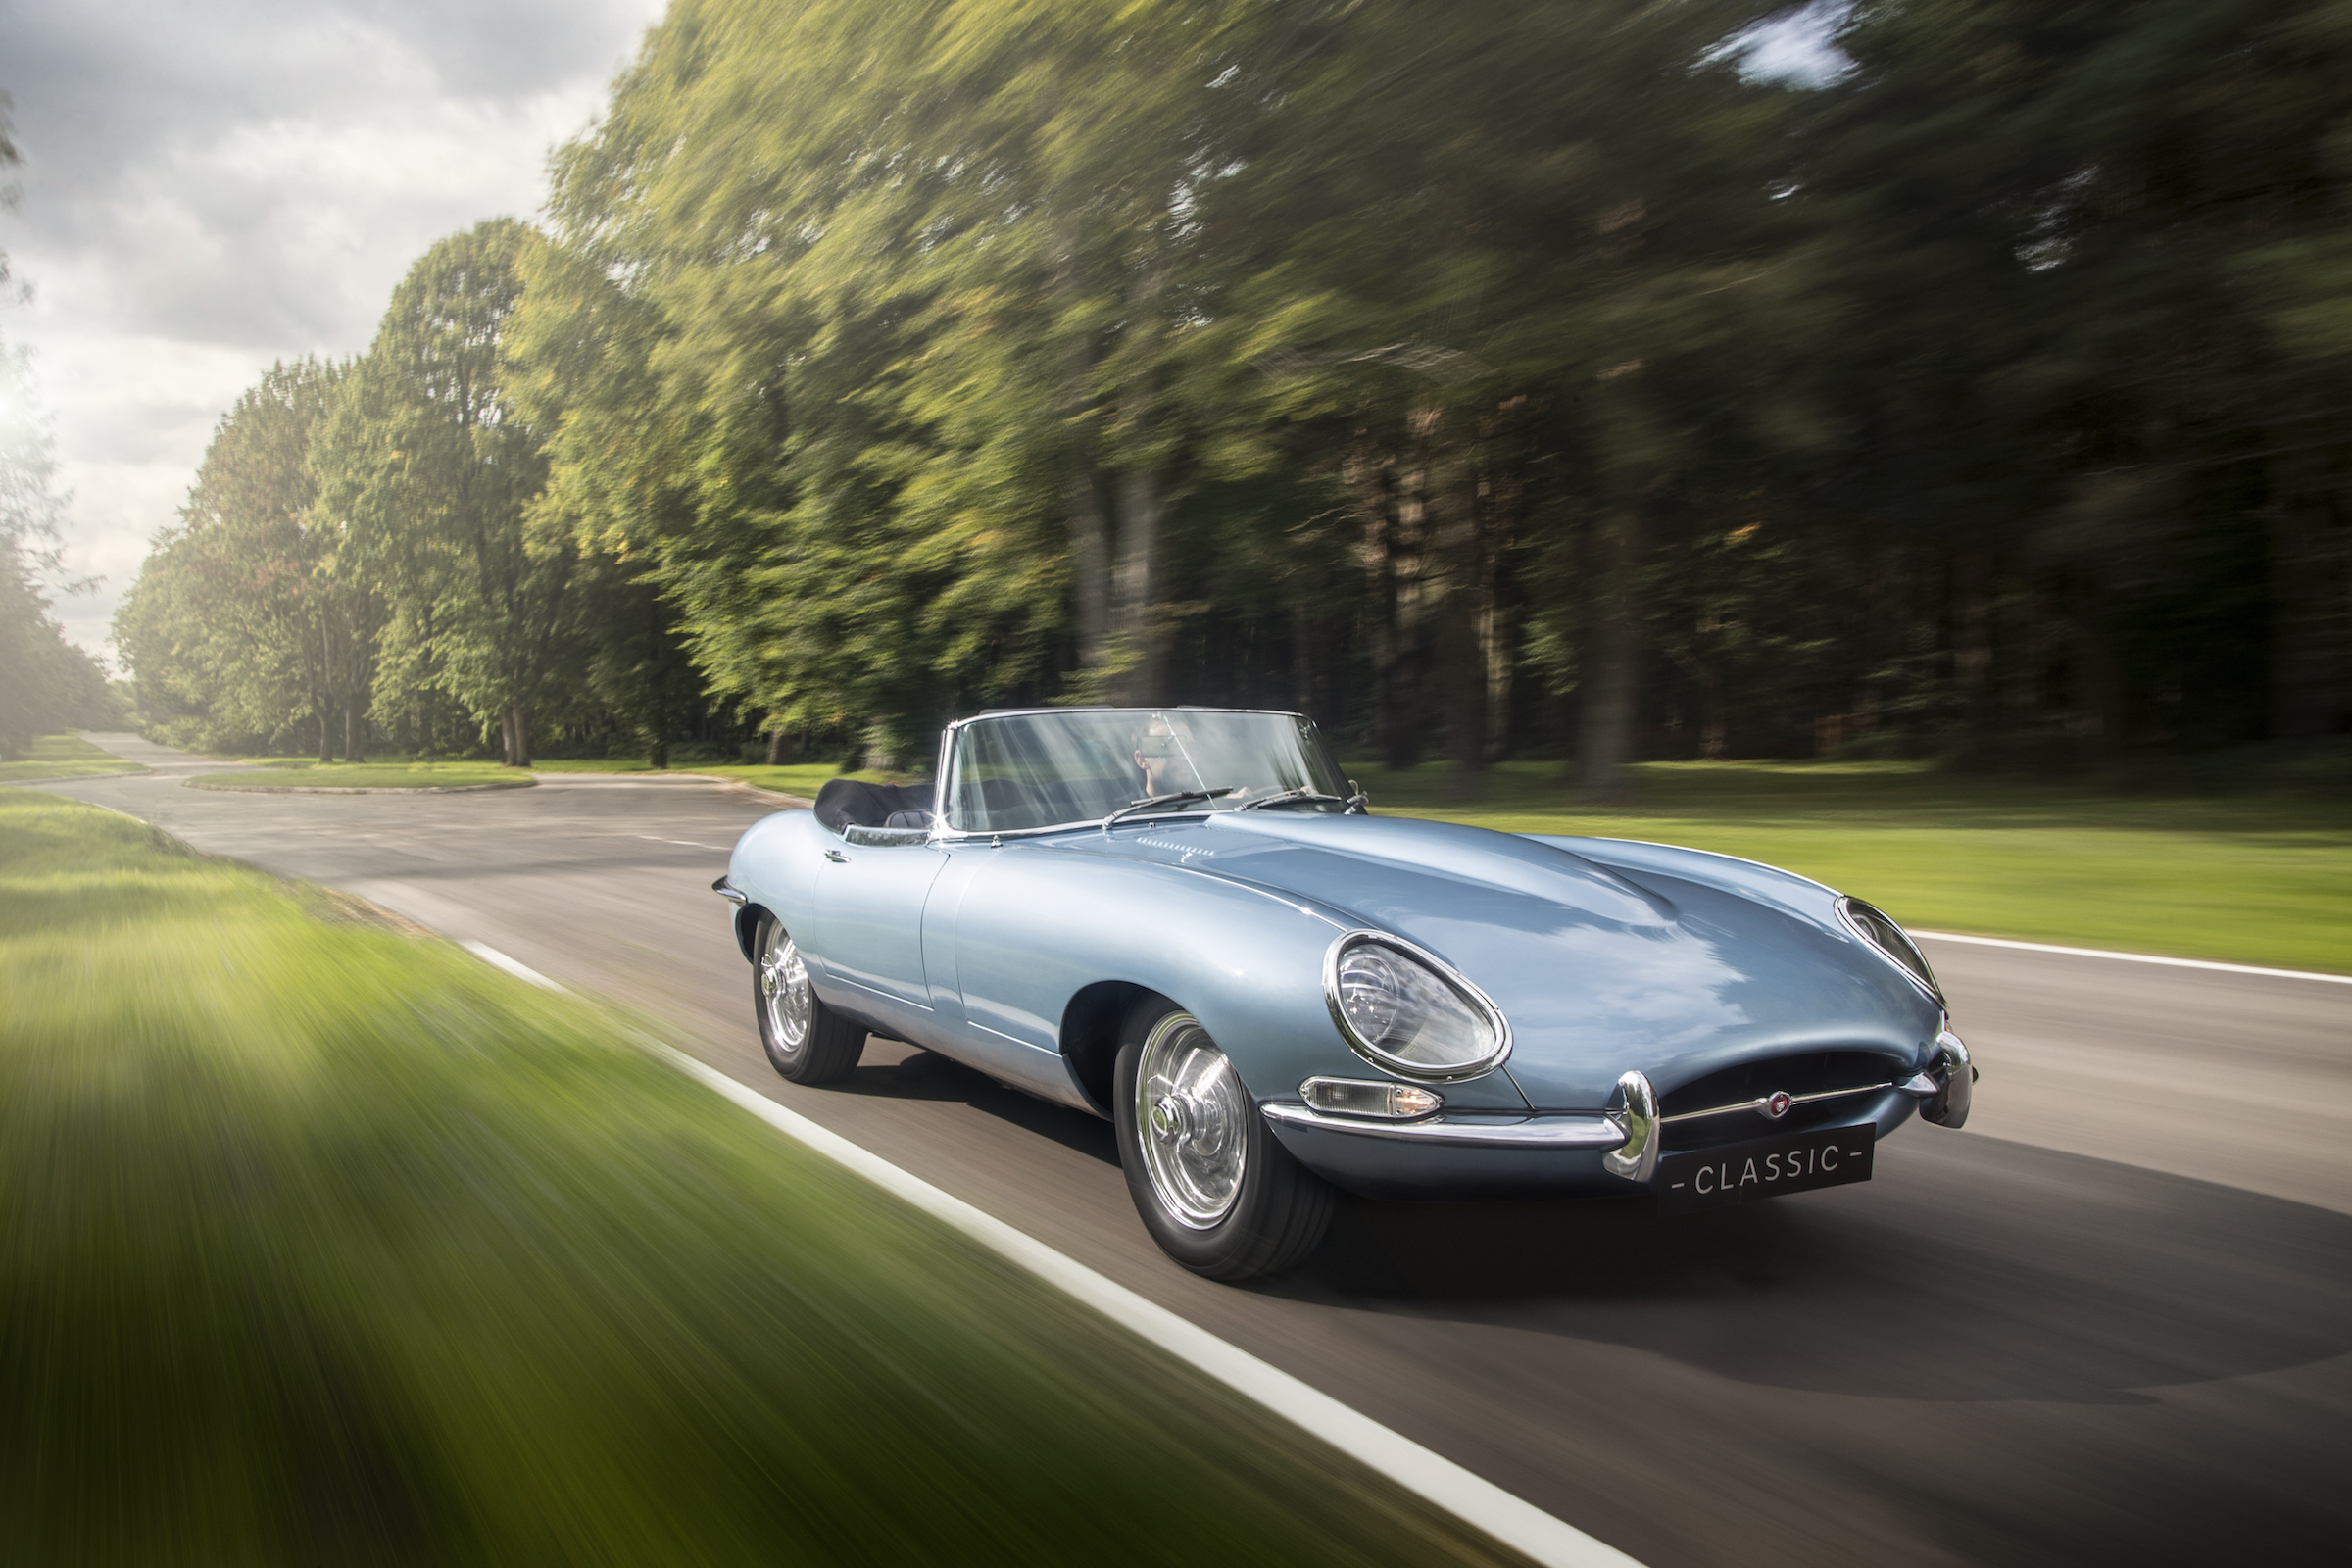 Jaguar dévoile une Type-E équipée d'un moteur électrique